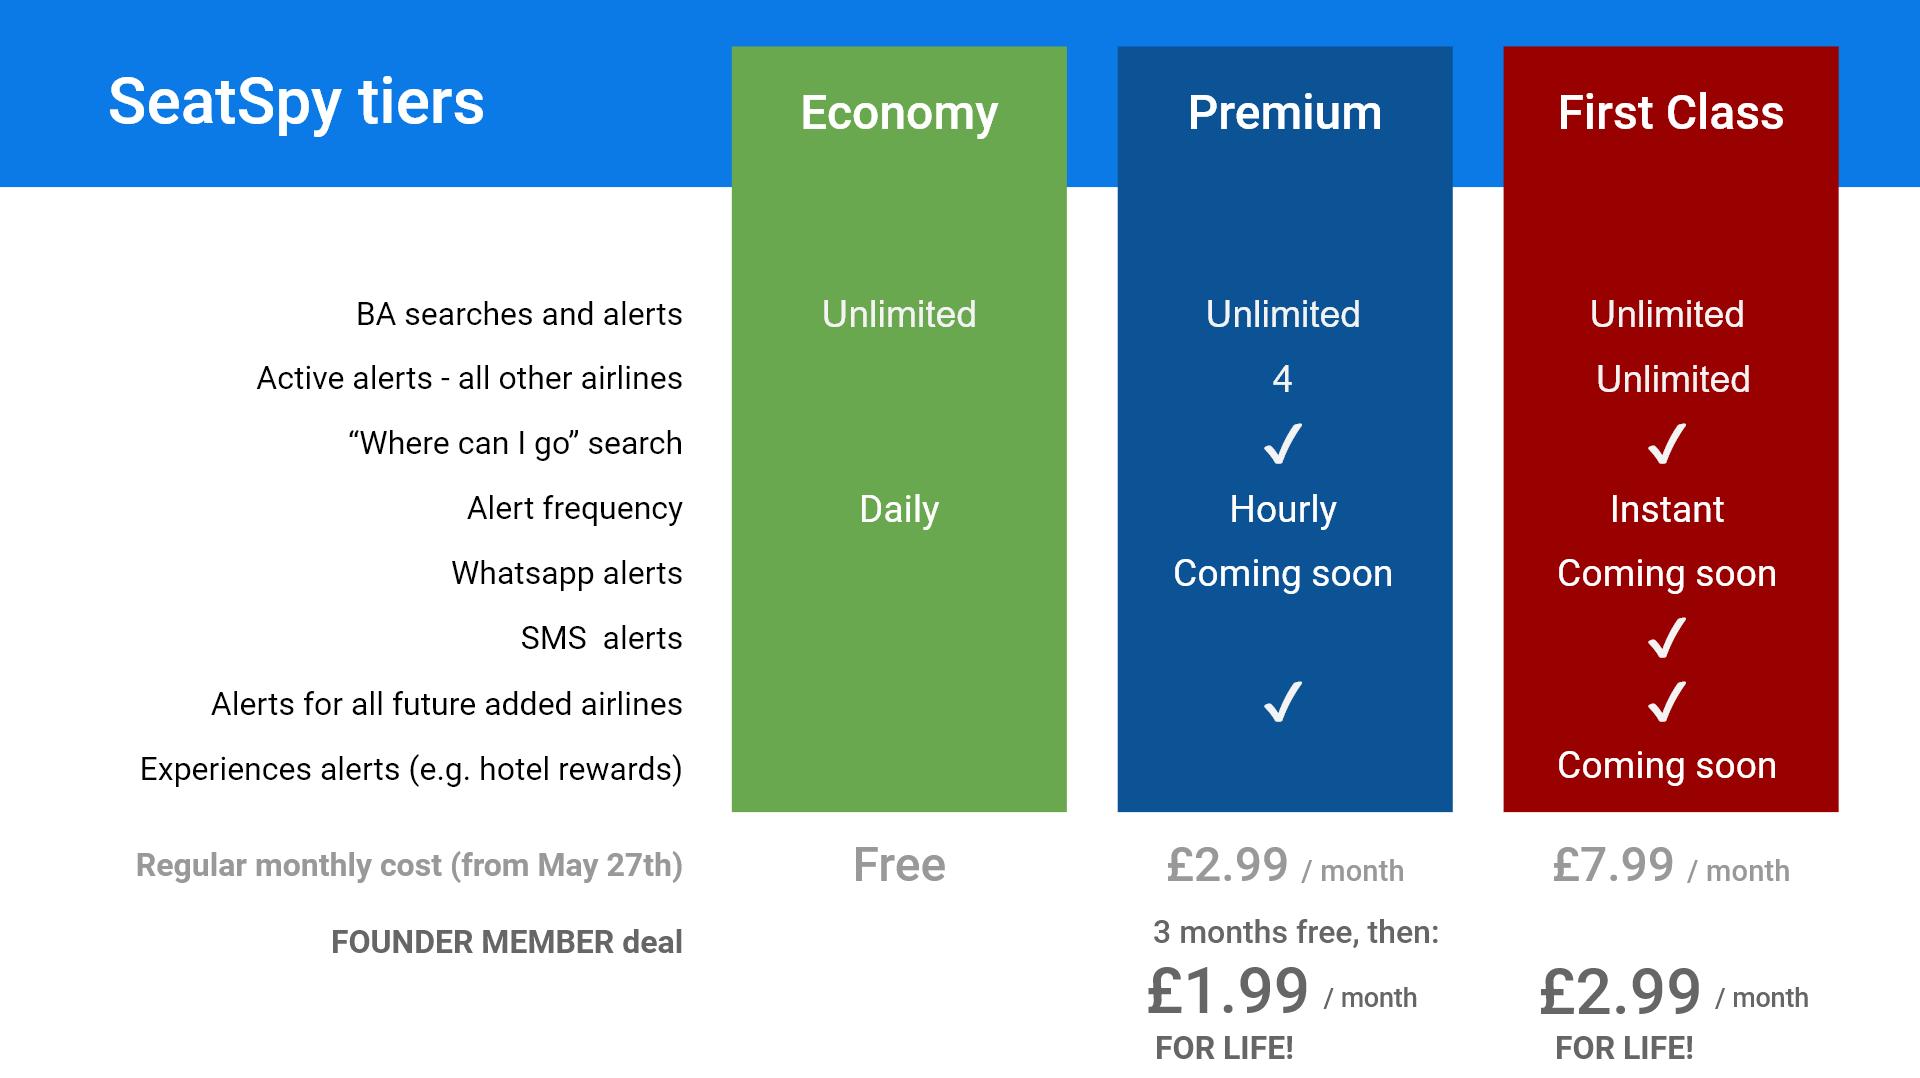 Seatspy pricing tiers